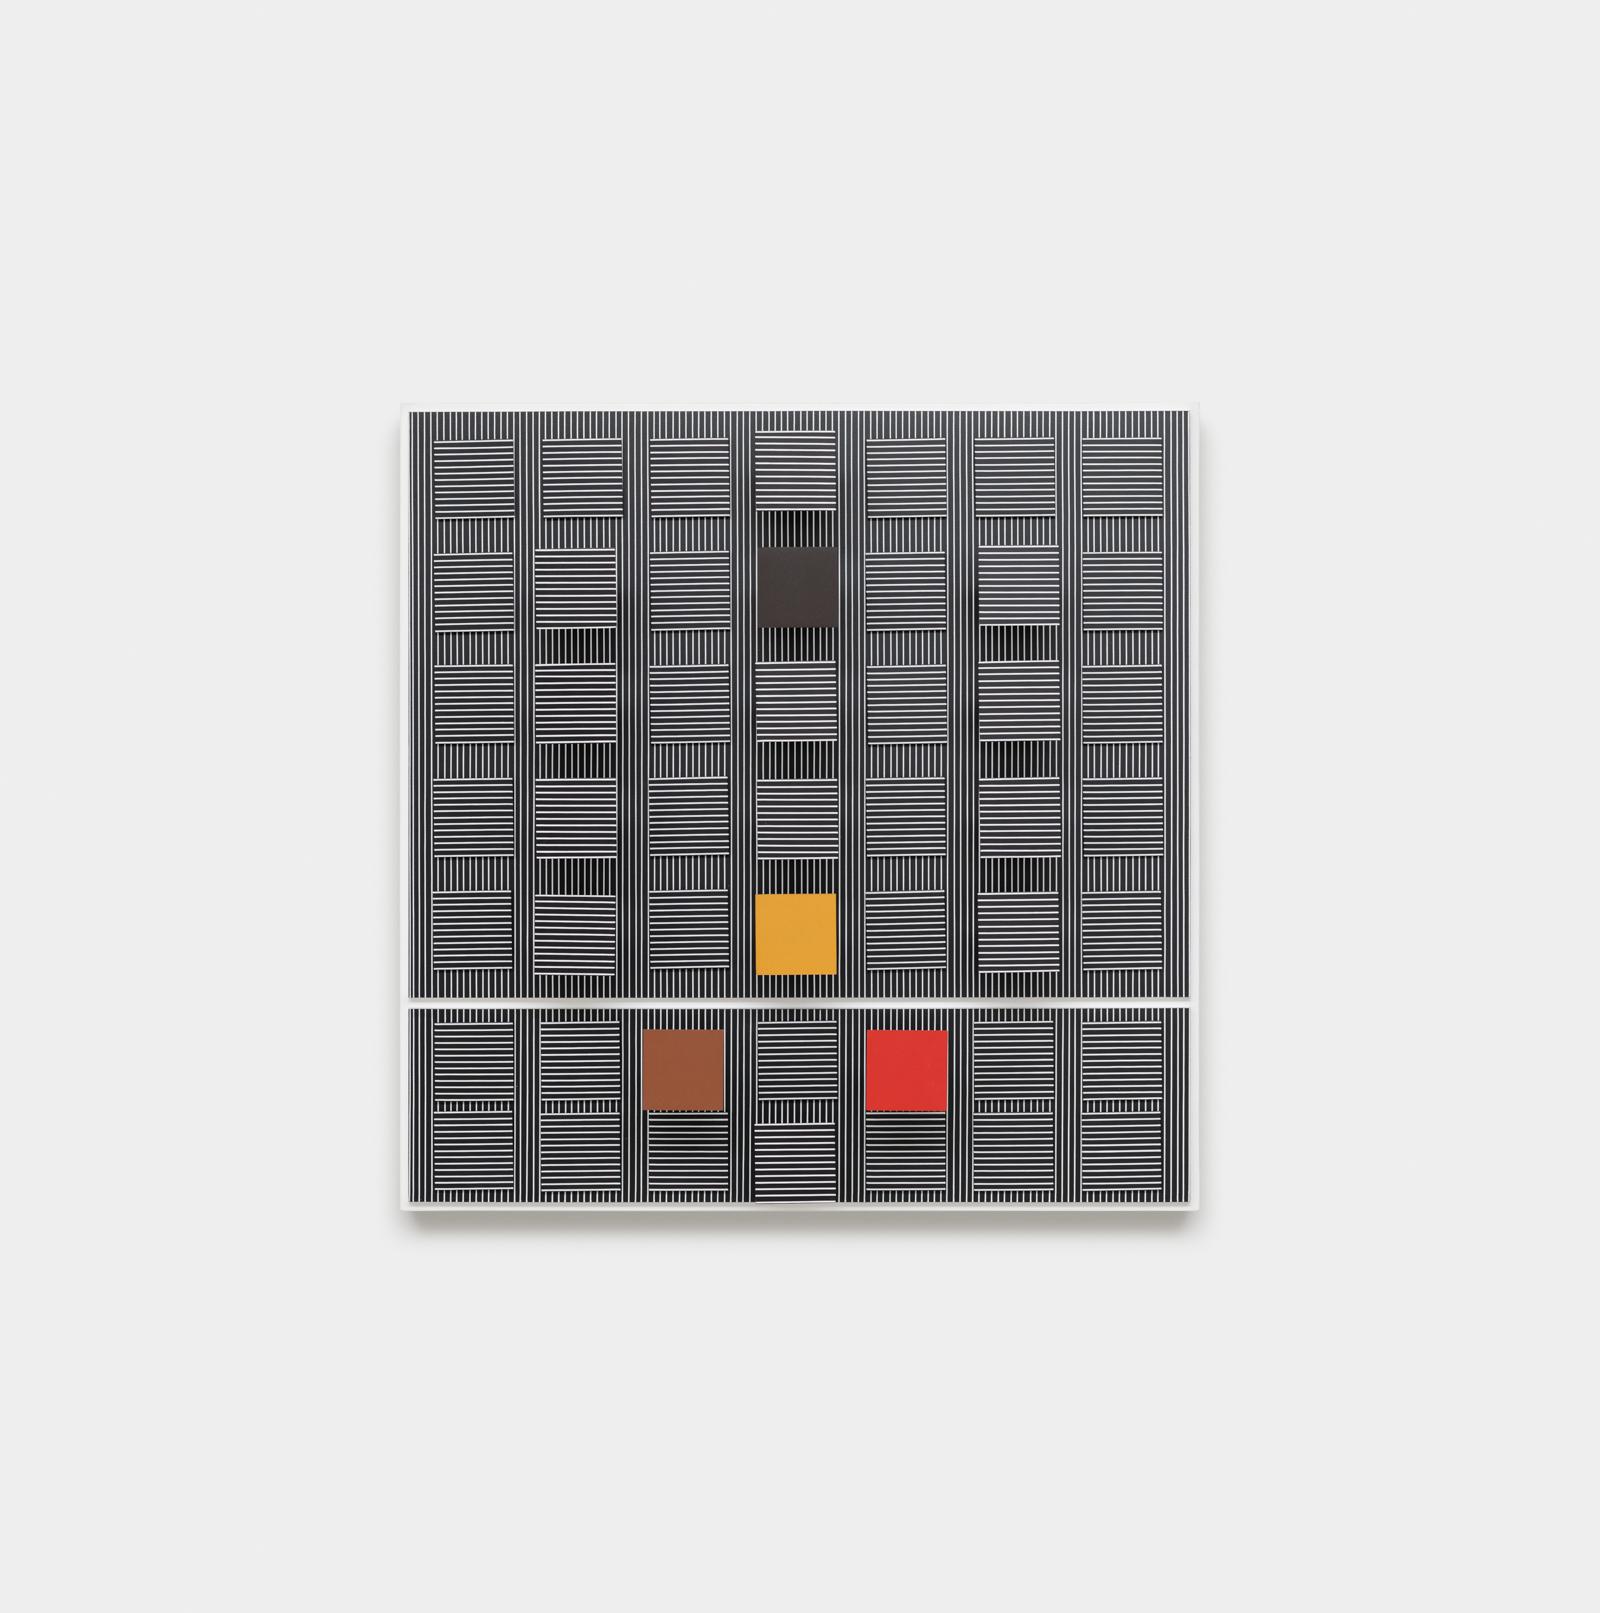 jesús rafael soto_quatre carrés de couleurs_1993